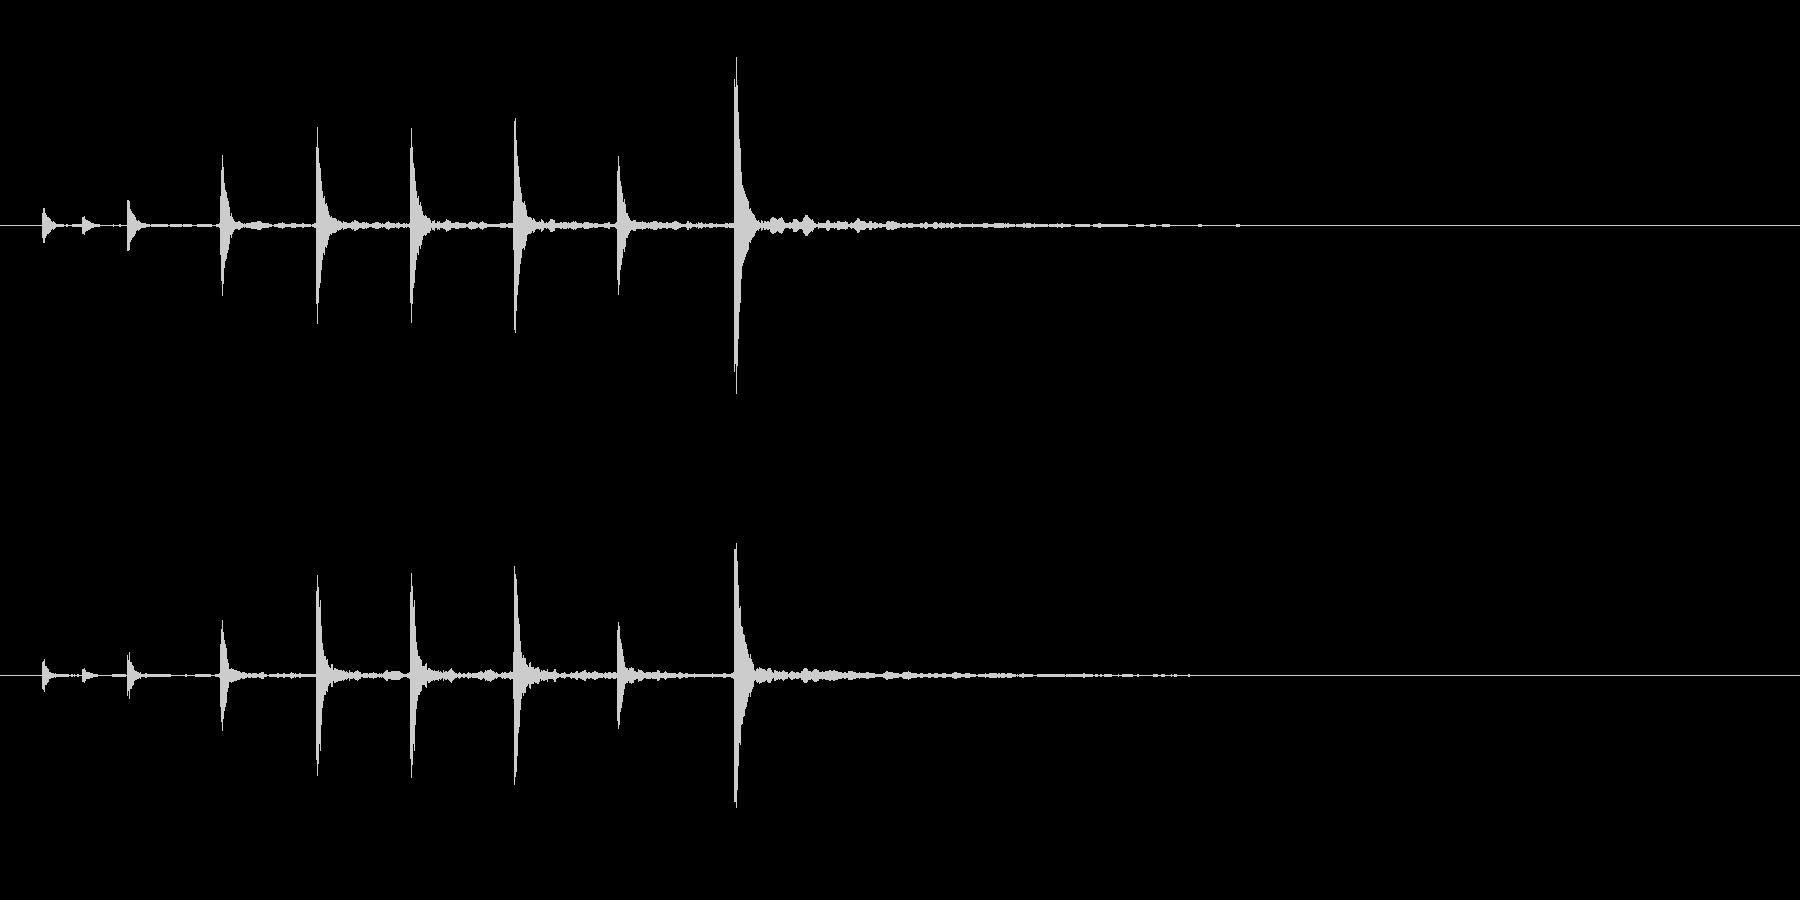 能楽の大鼓(おおつずみ)フレーズ音+FXの未再生の波形